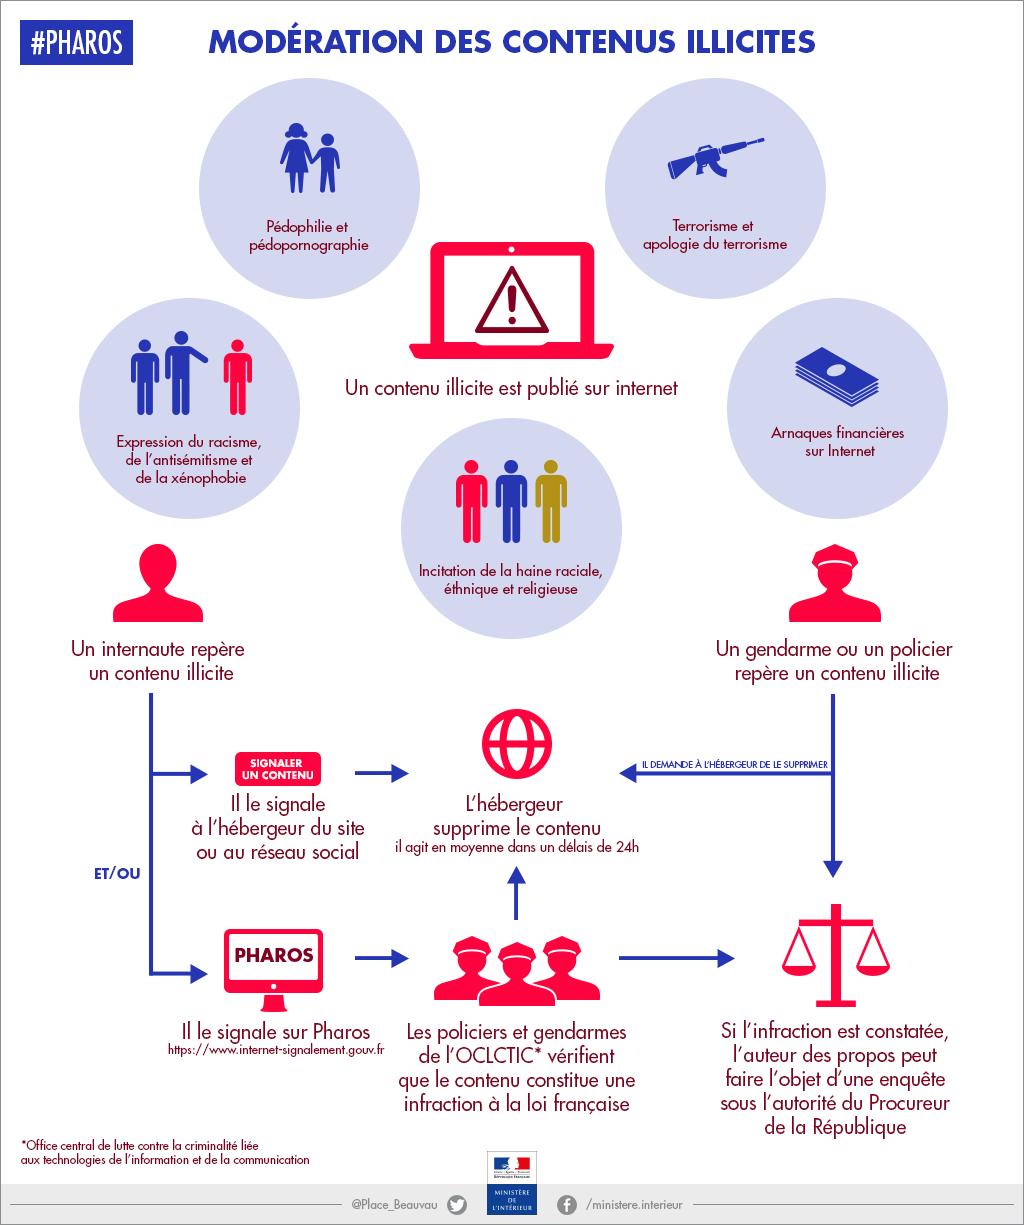 pharos cybercriminalite - Pourquoi et comment signaler un contenu illicite via PHAROS ?